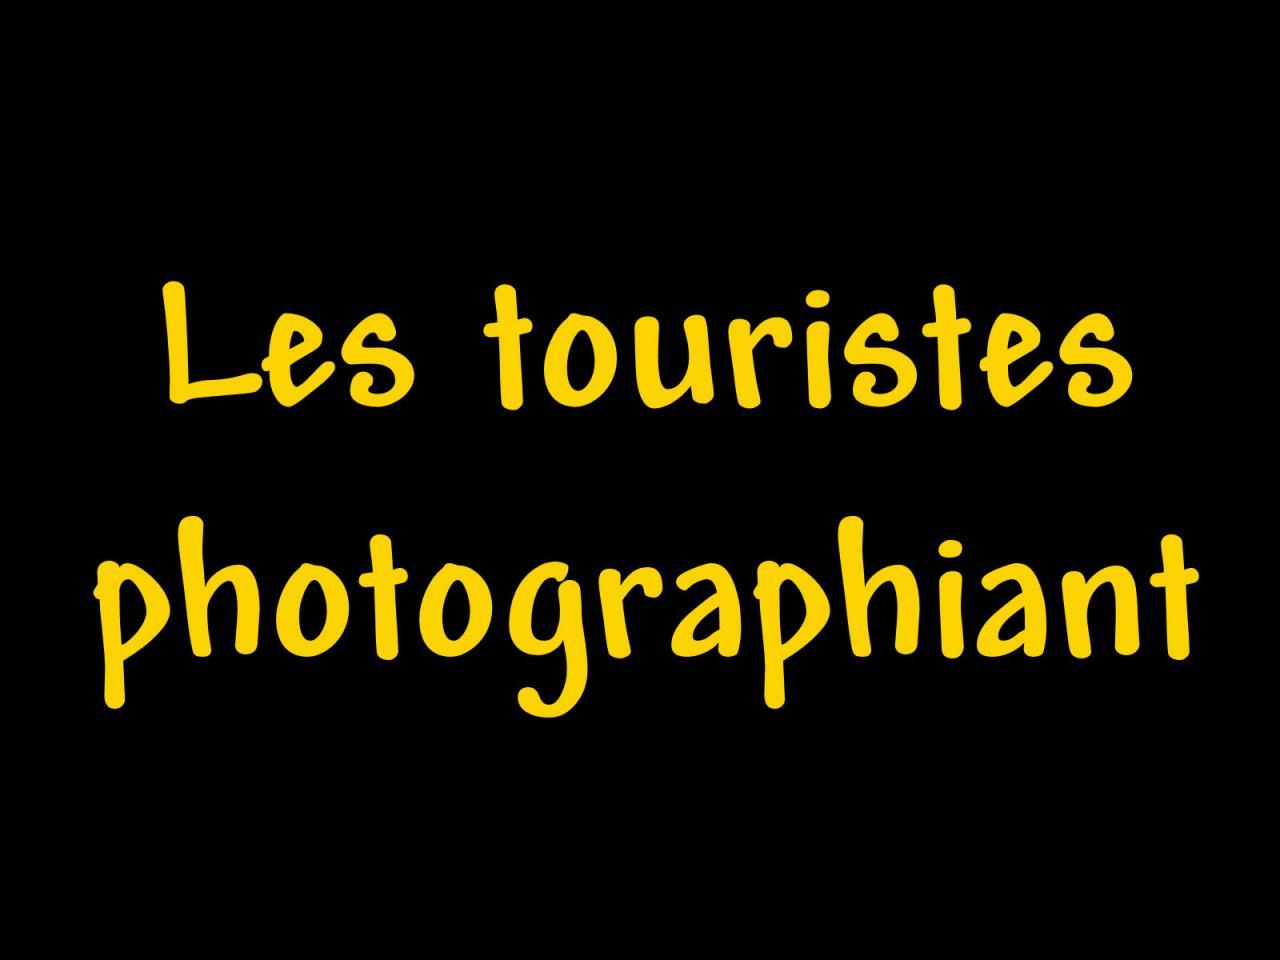 Les touristes photographiant